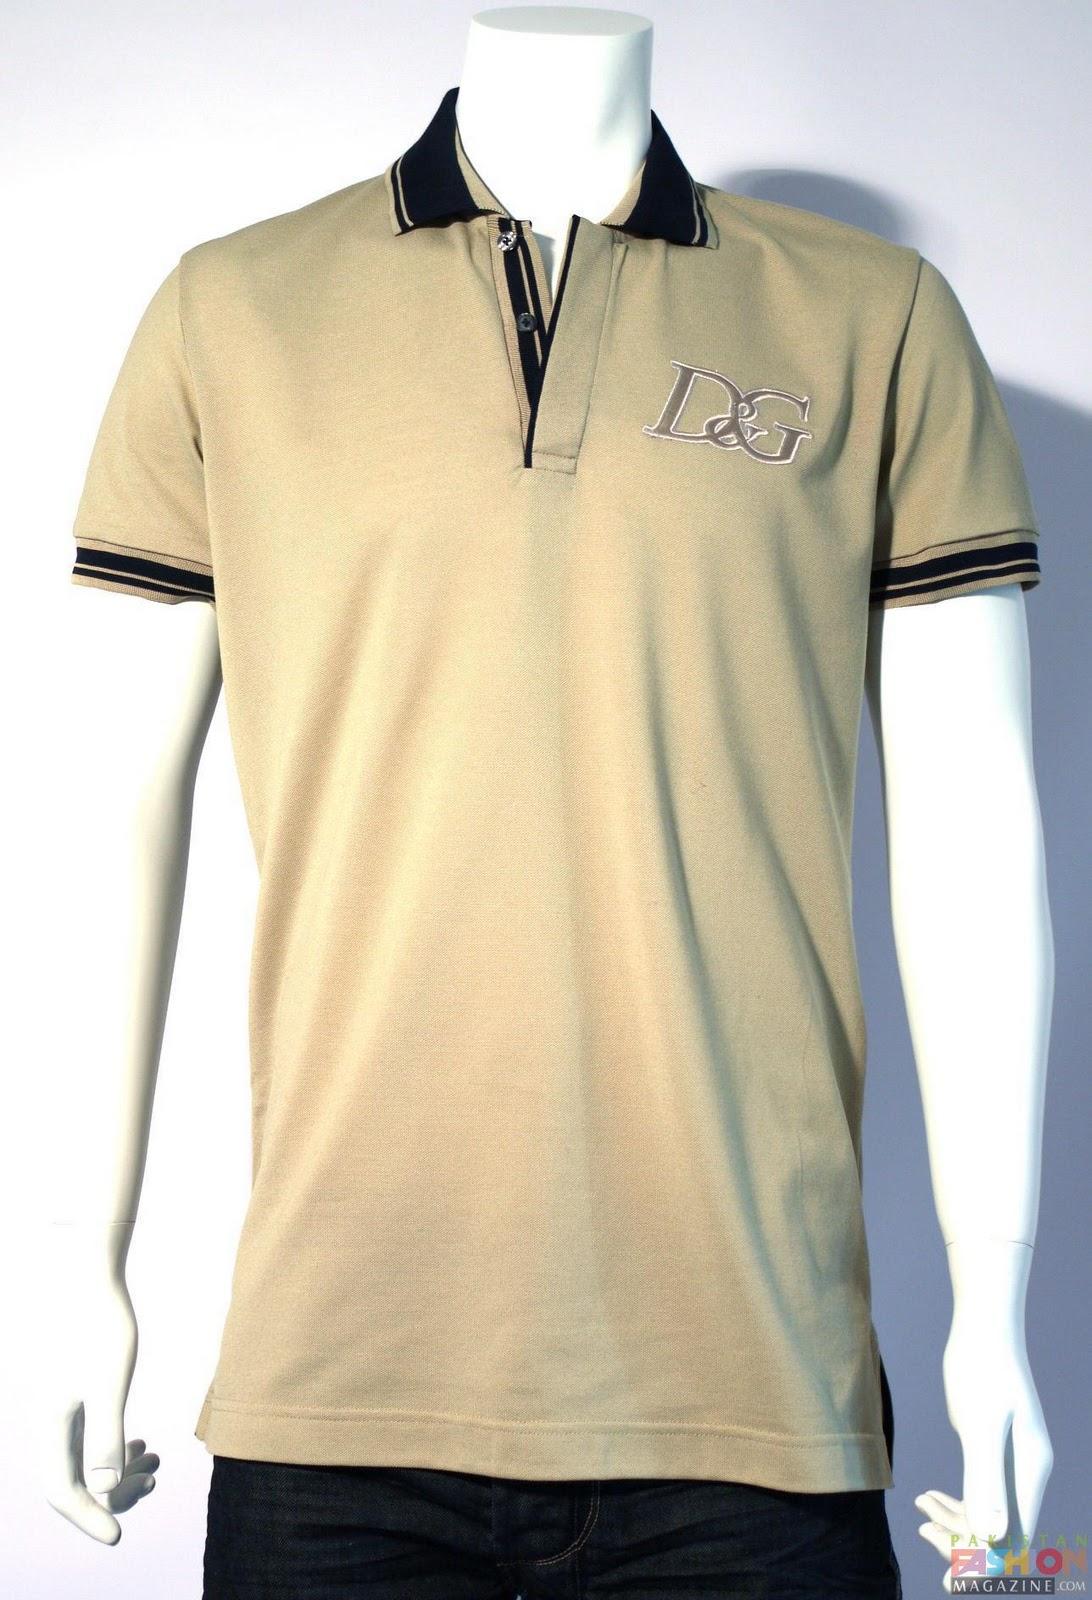 fashion world palace new design of formal dress shirts